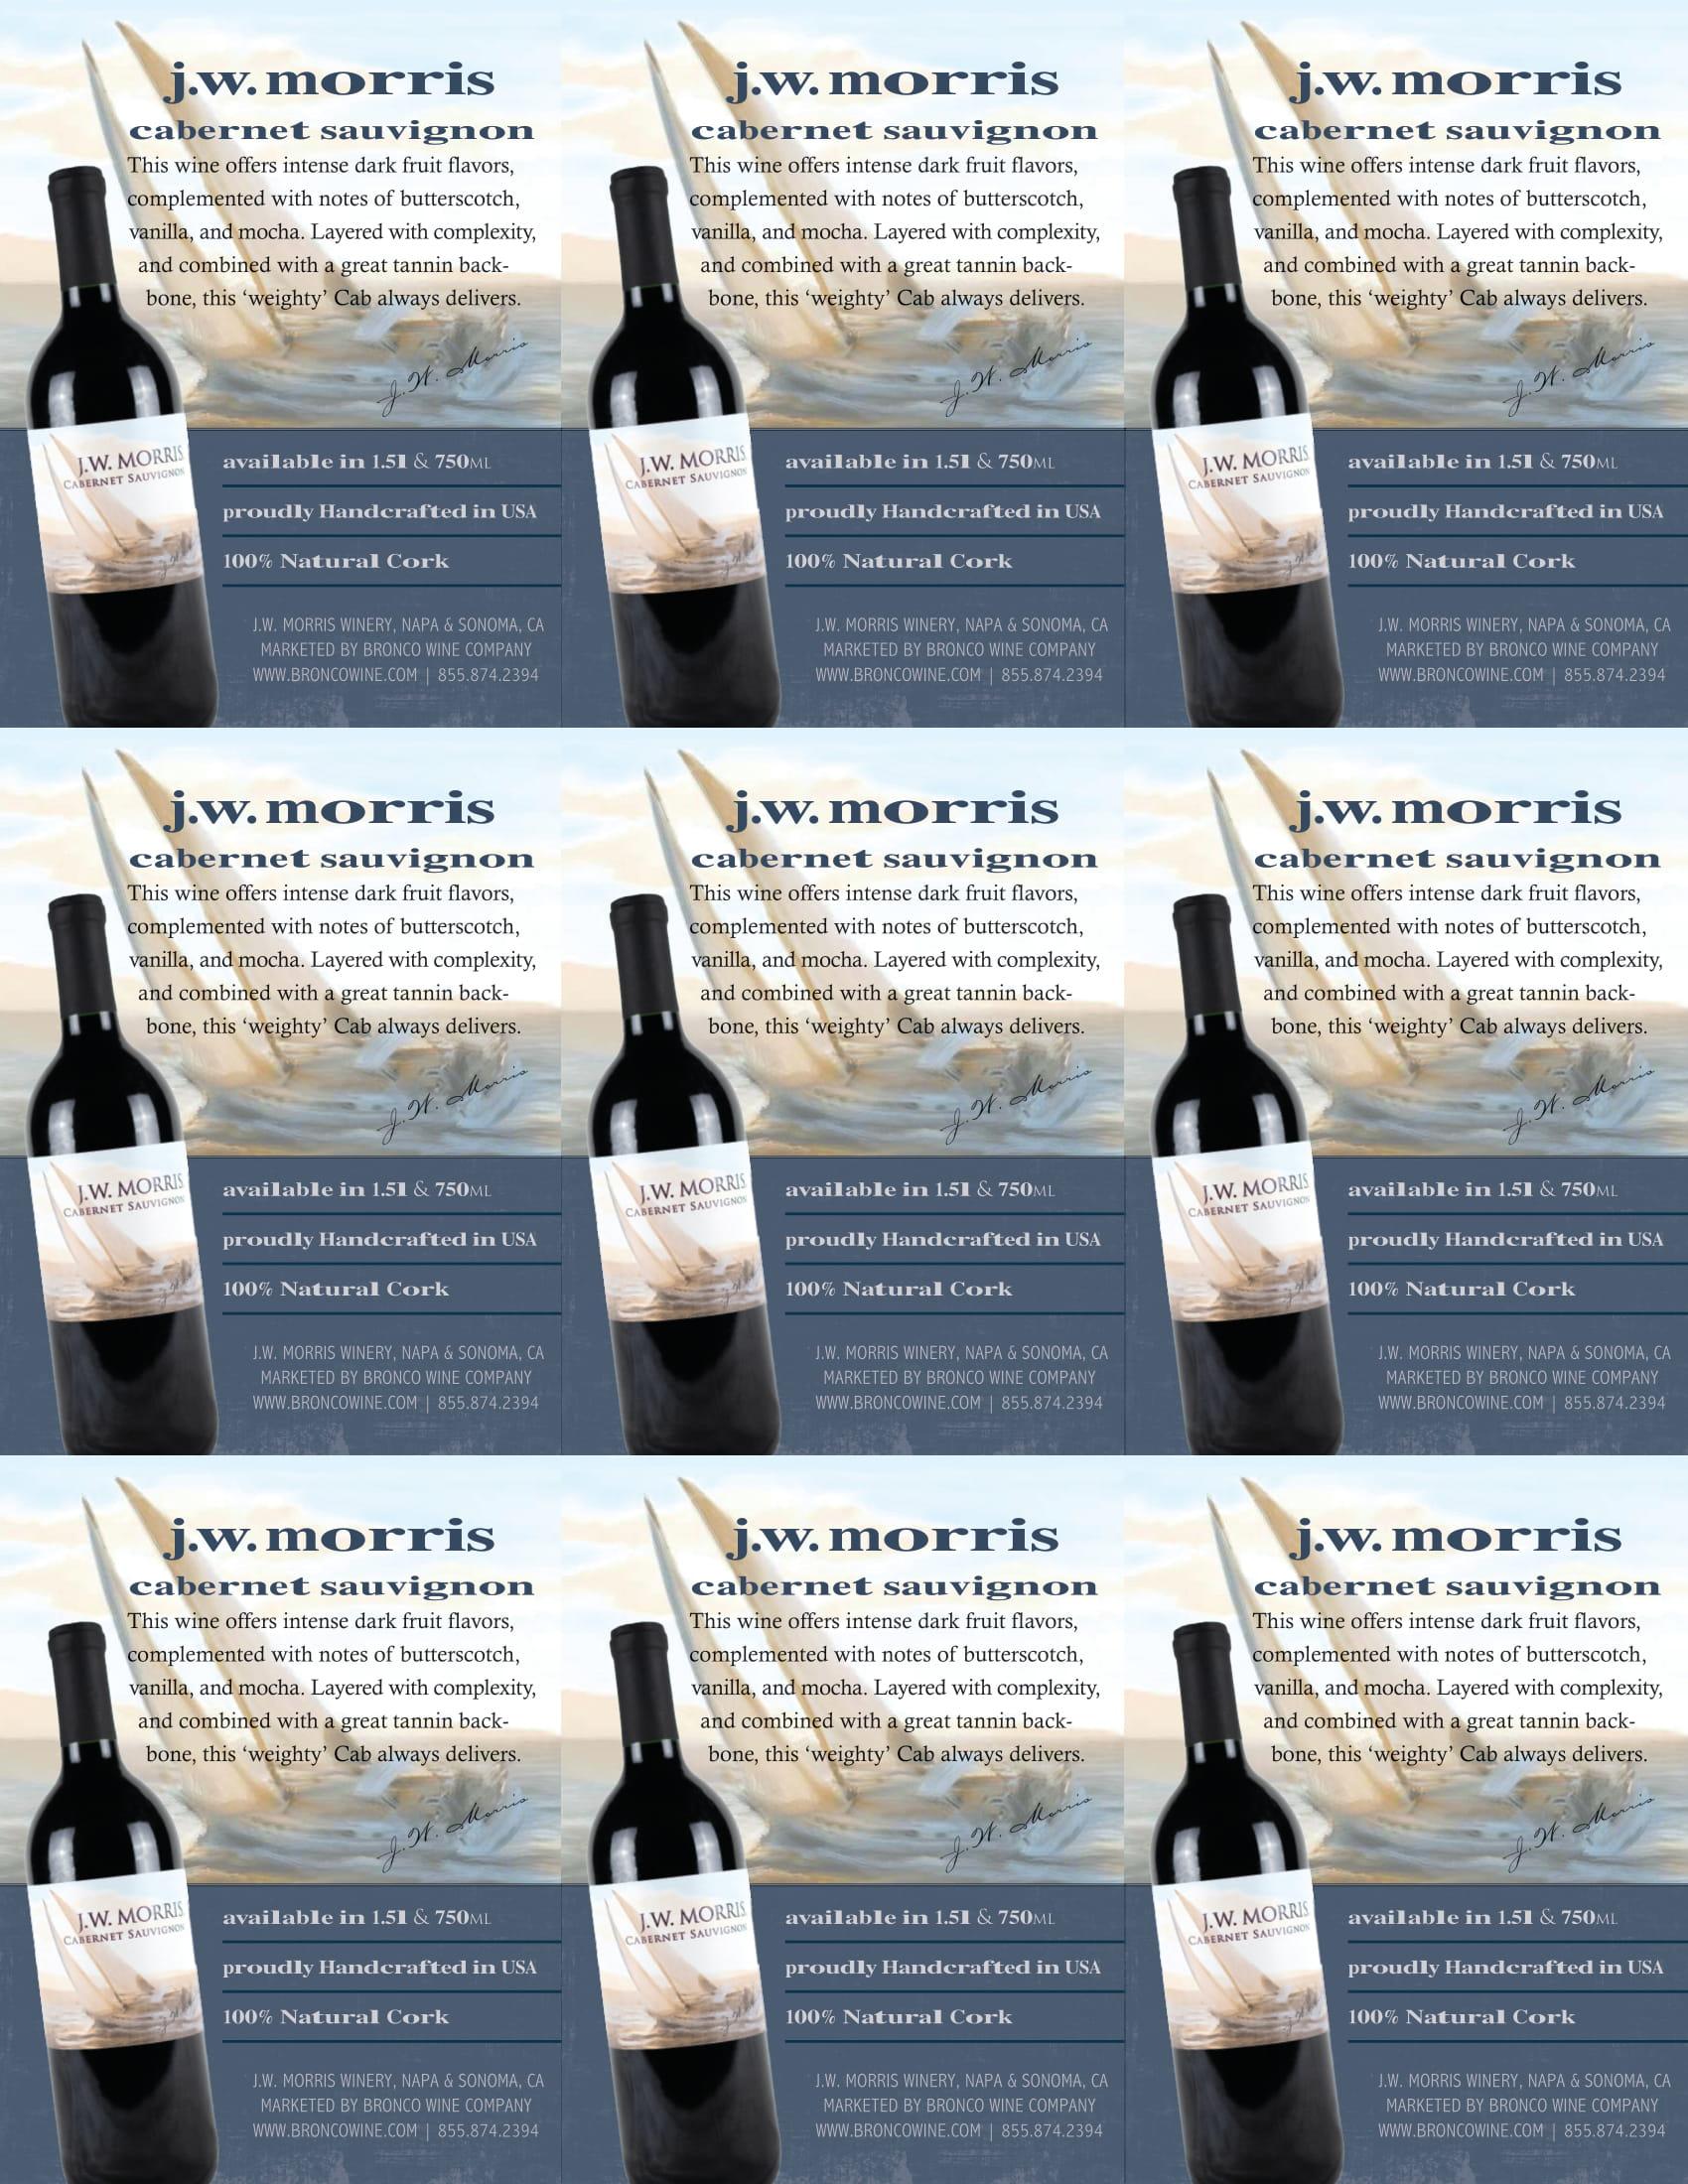 JW Morris Cabernet Sauvignon Shelf Talkers